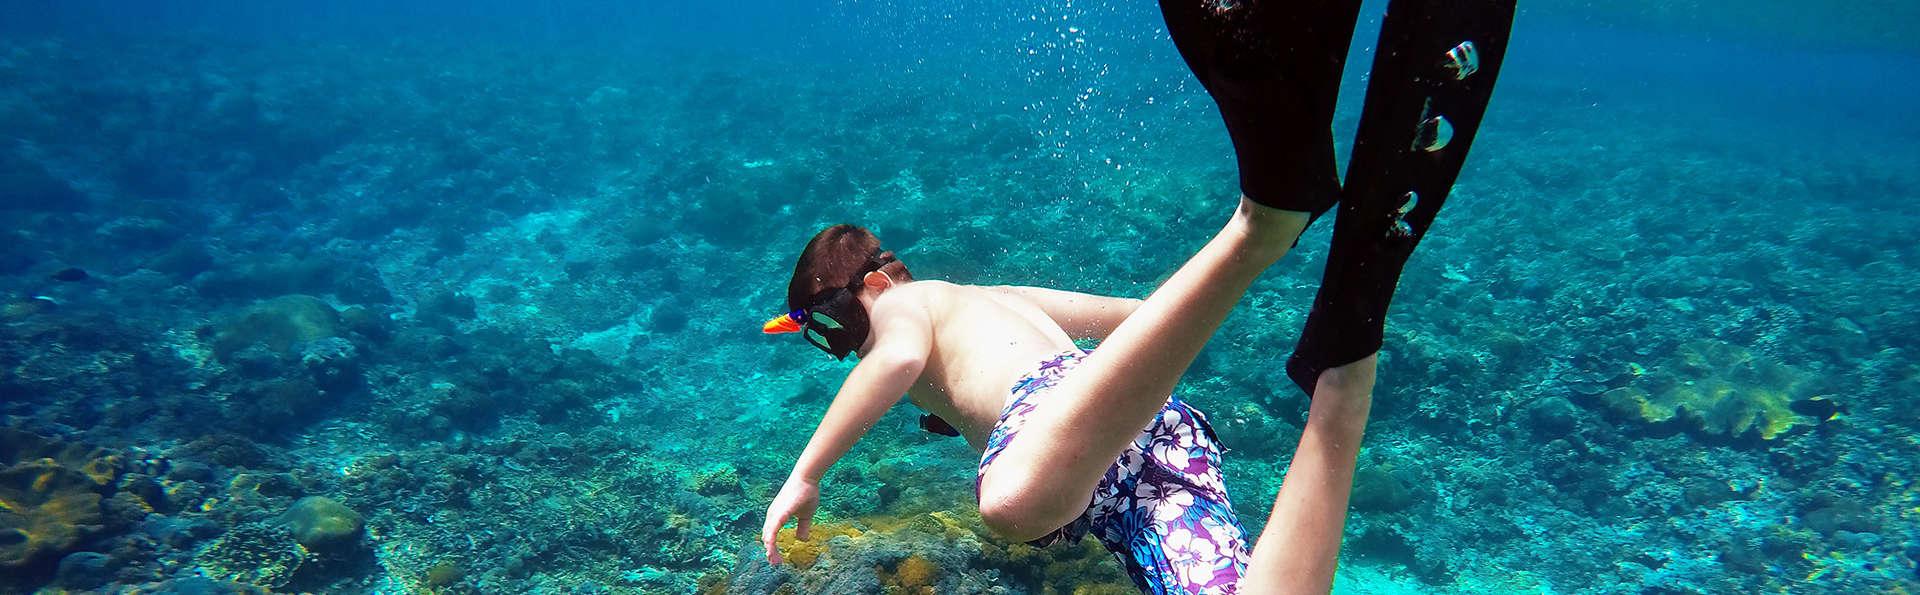 Parcours en kayak, plongée et reportage photo sur la Costa Tropical